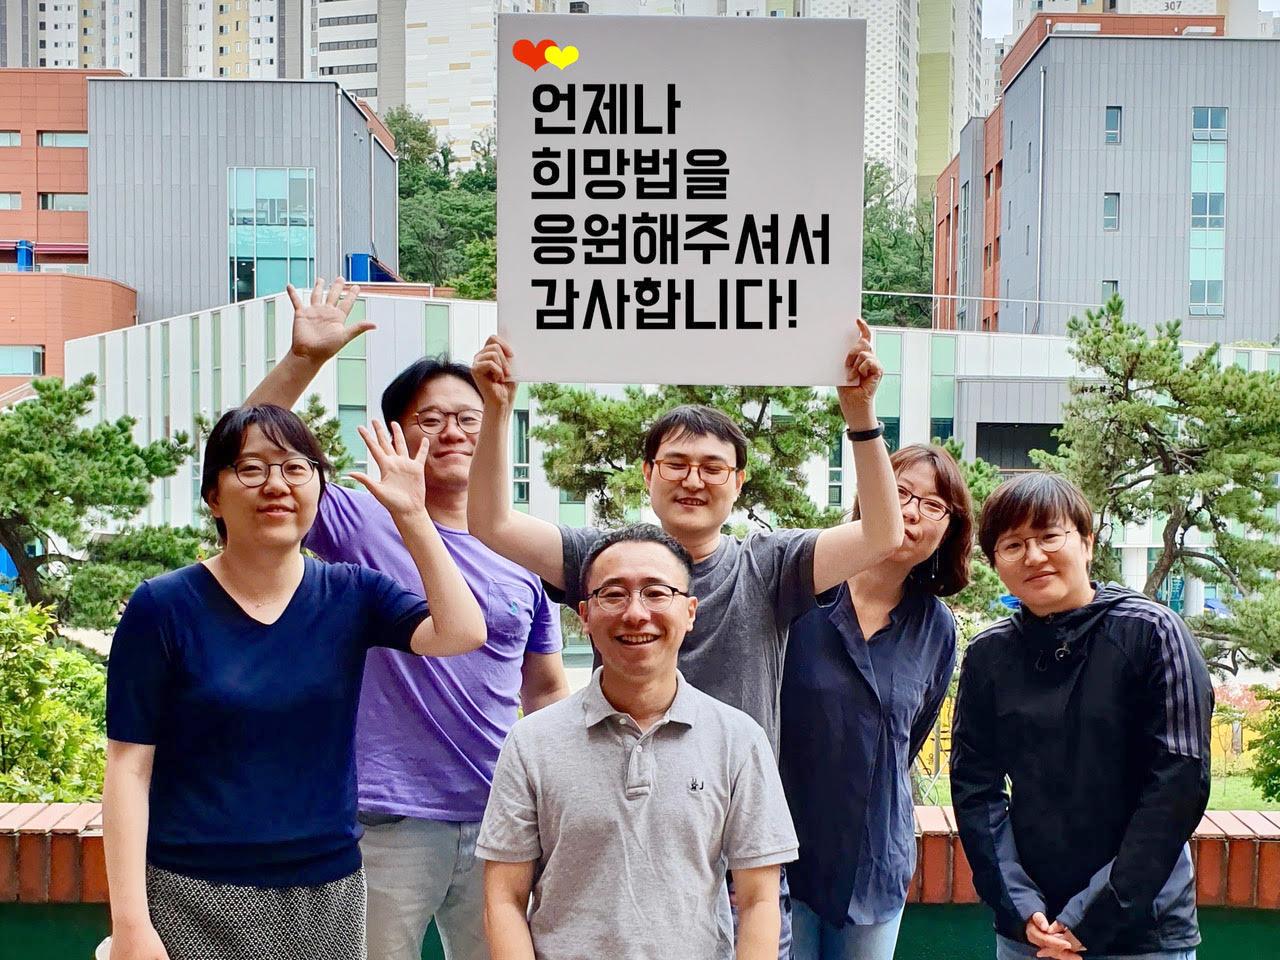 희망법 4월의 회원현황, 회원에게 감사인사를 적은 종이를 들고 있는 단체사진